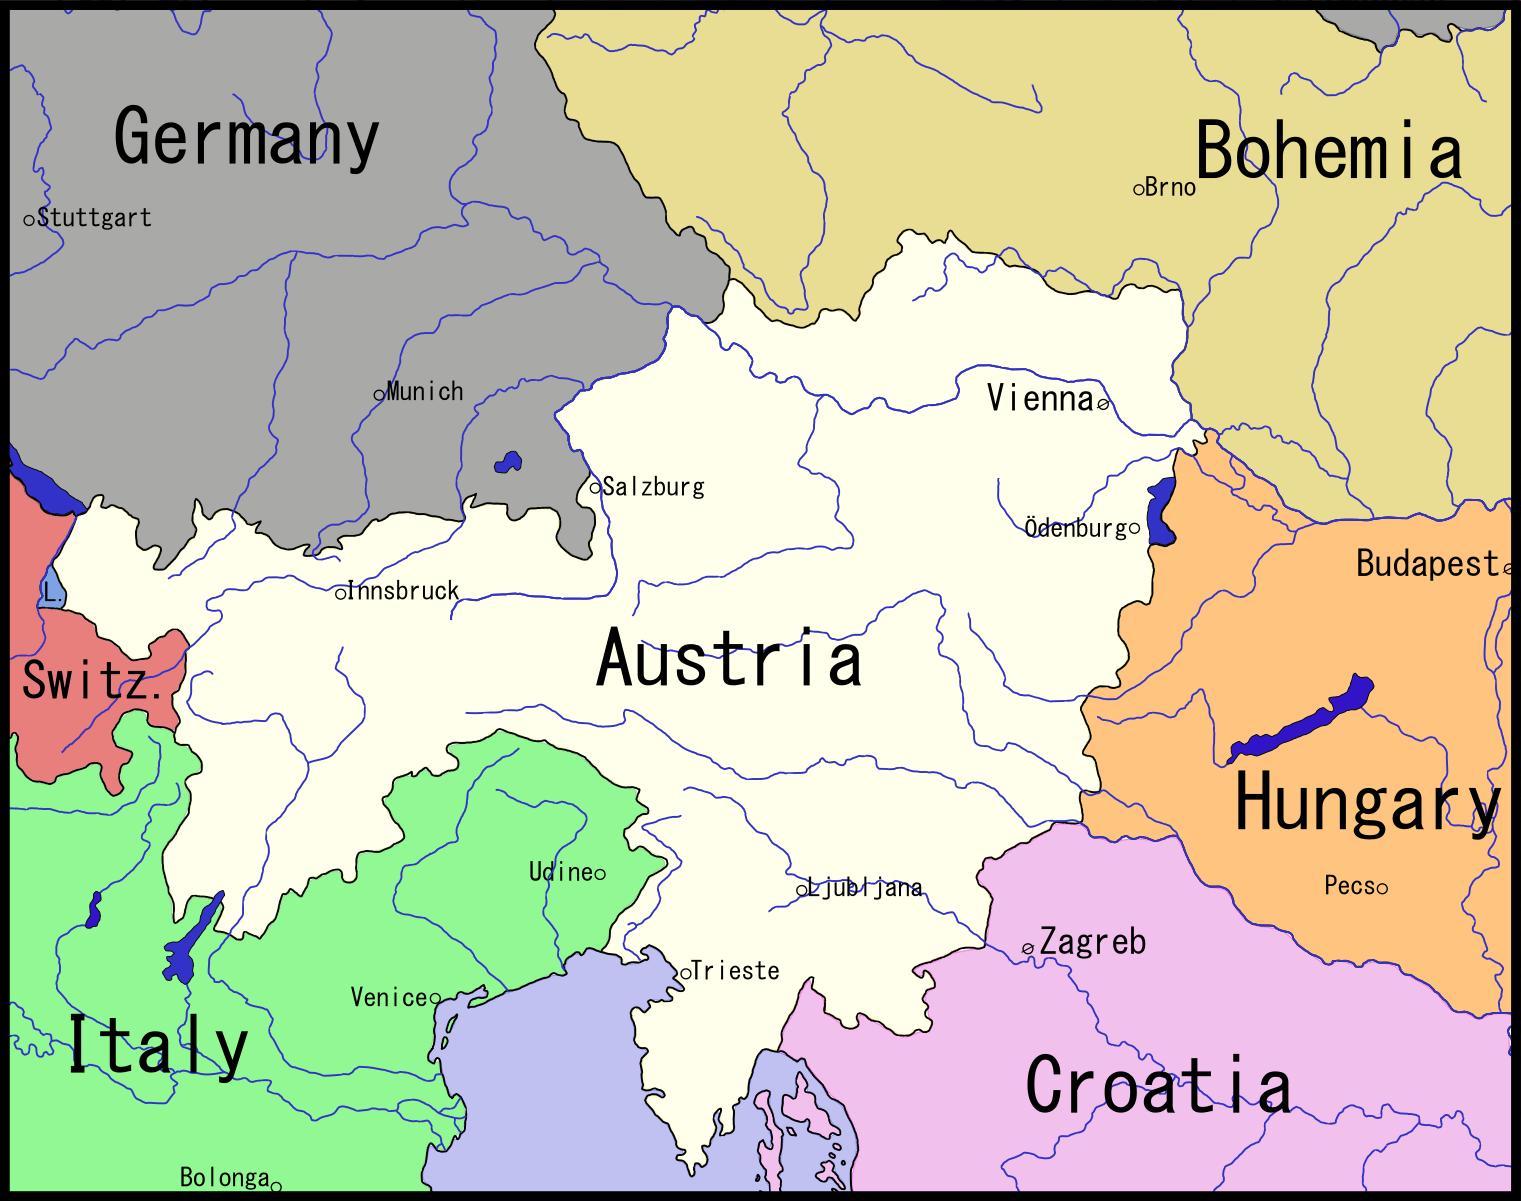 Karta Beca Austrija I Okolica Karta Beca I Okolice Austrija